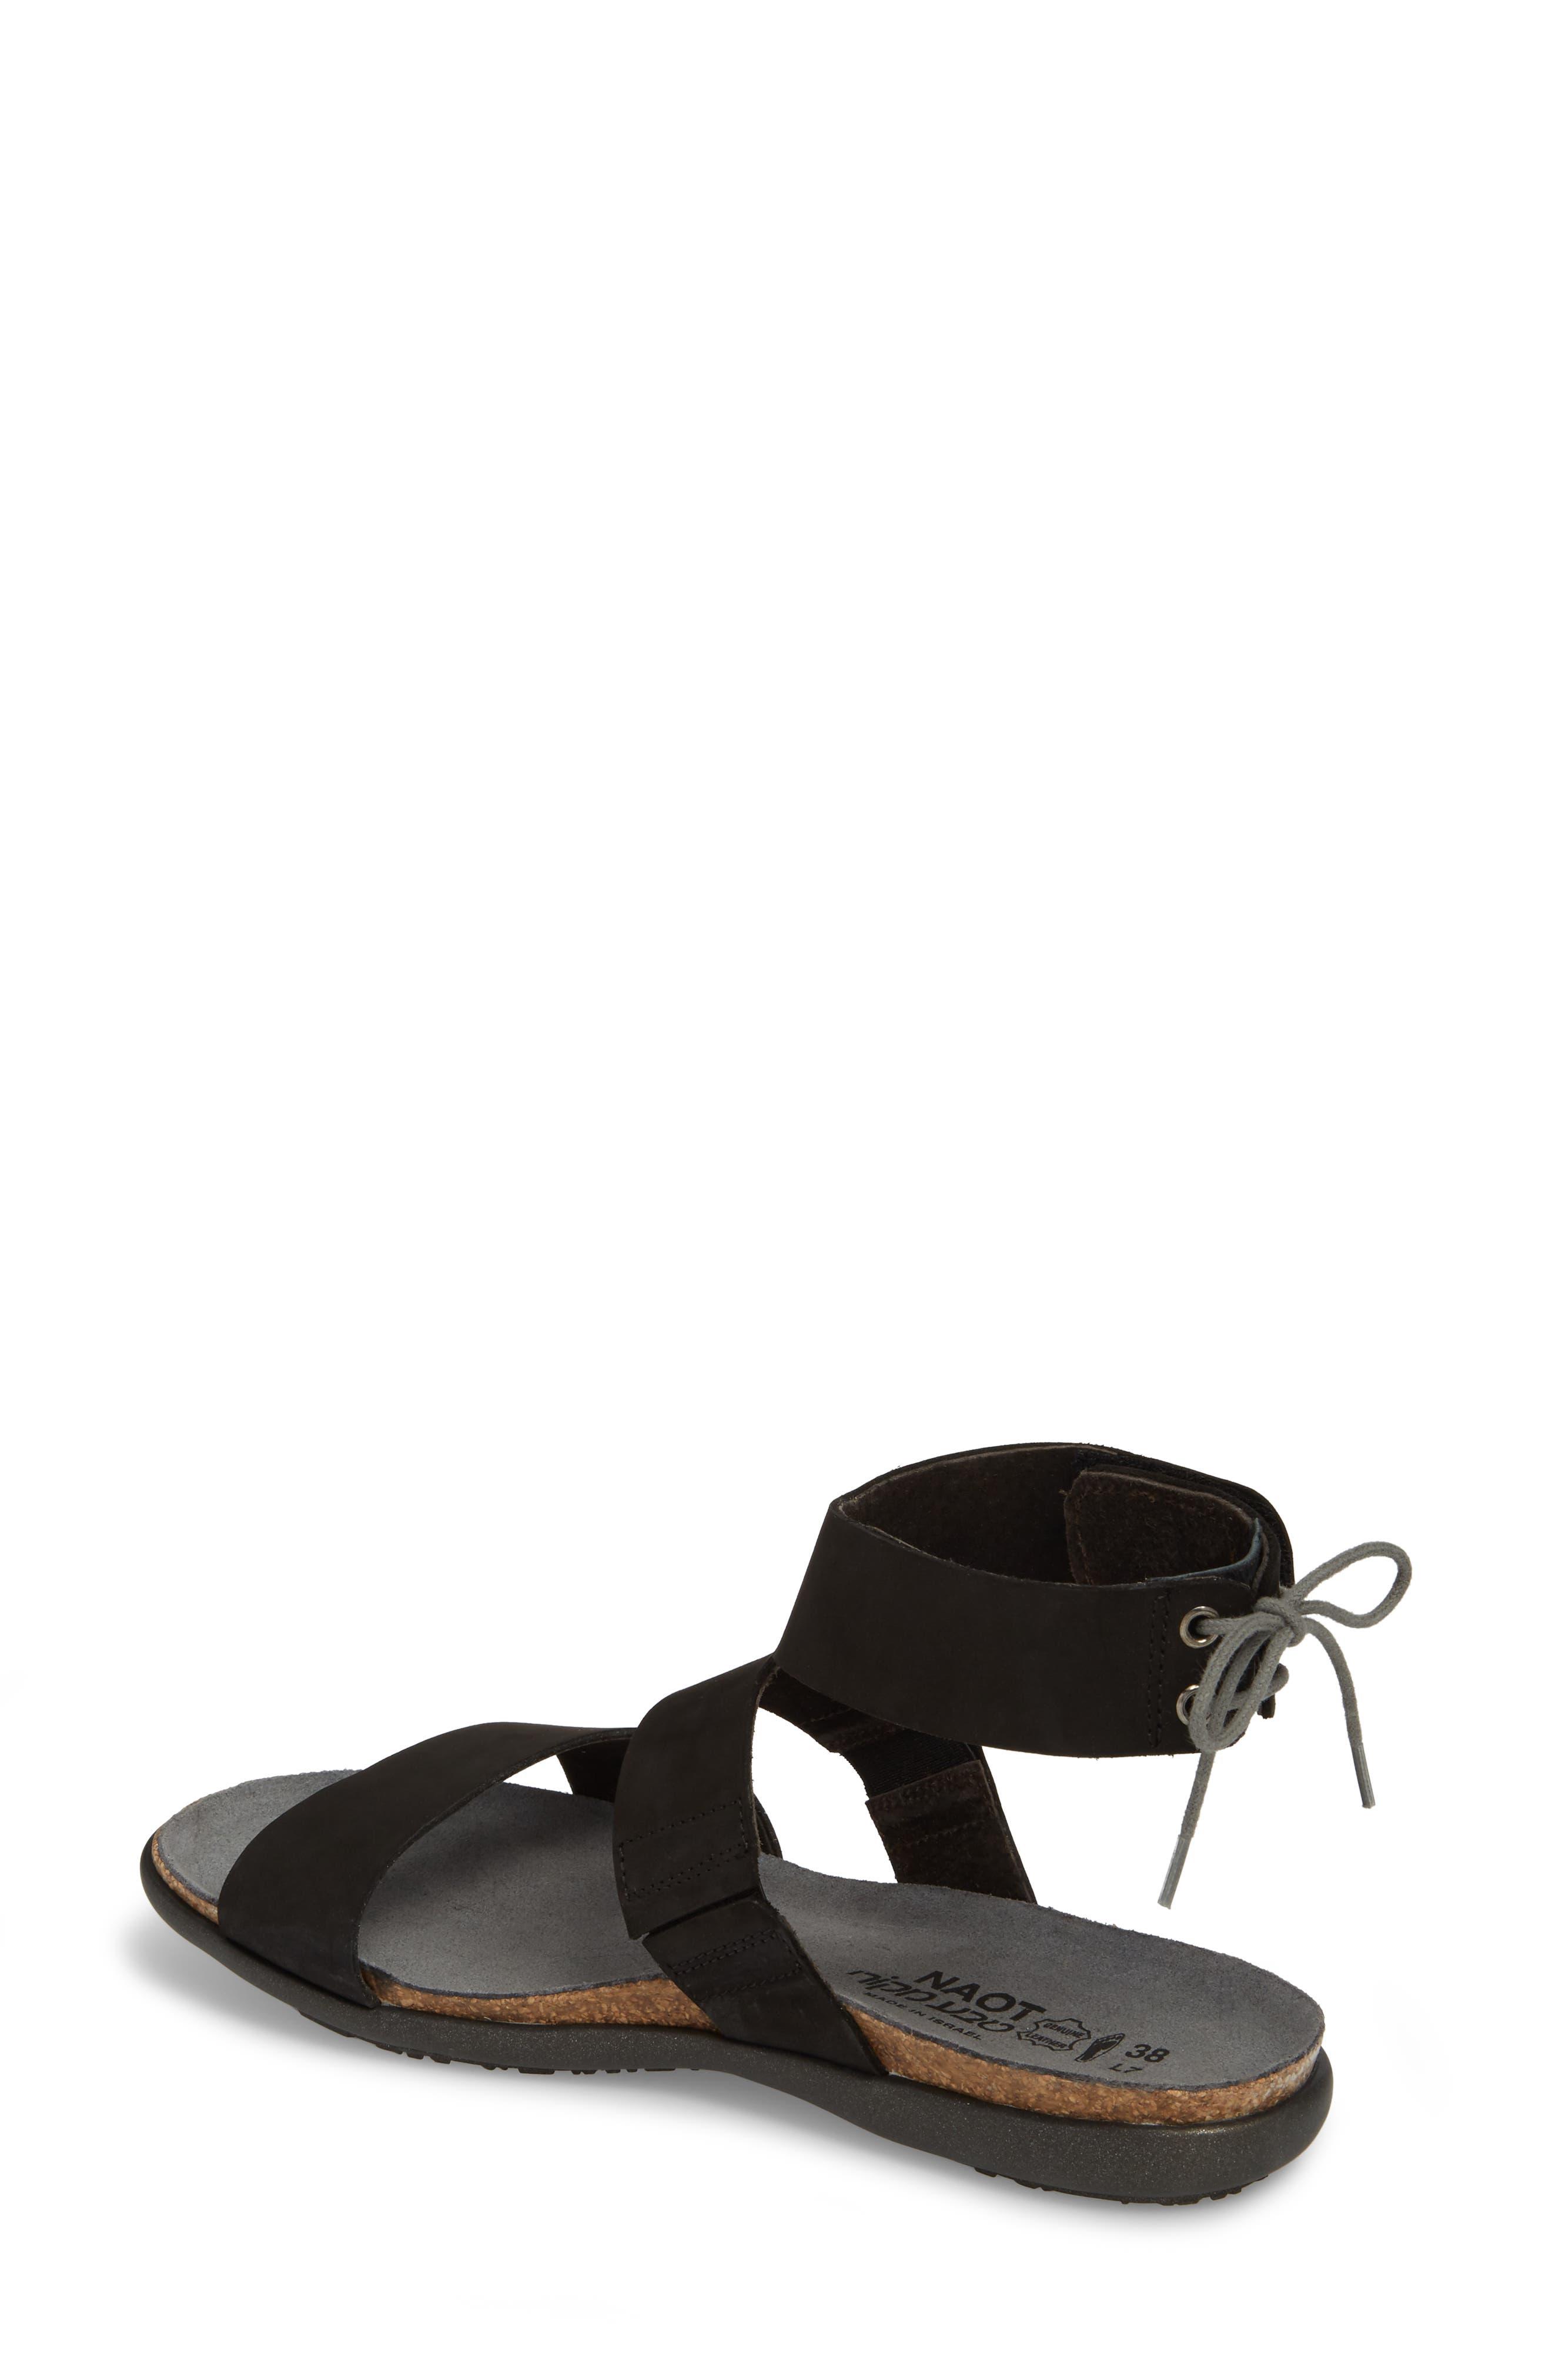 Larissa Ankle Strap Sandal,                             Alternate thumbnail 2, color,                             Black Velvet Nubuck